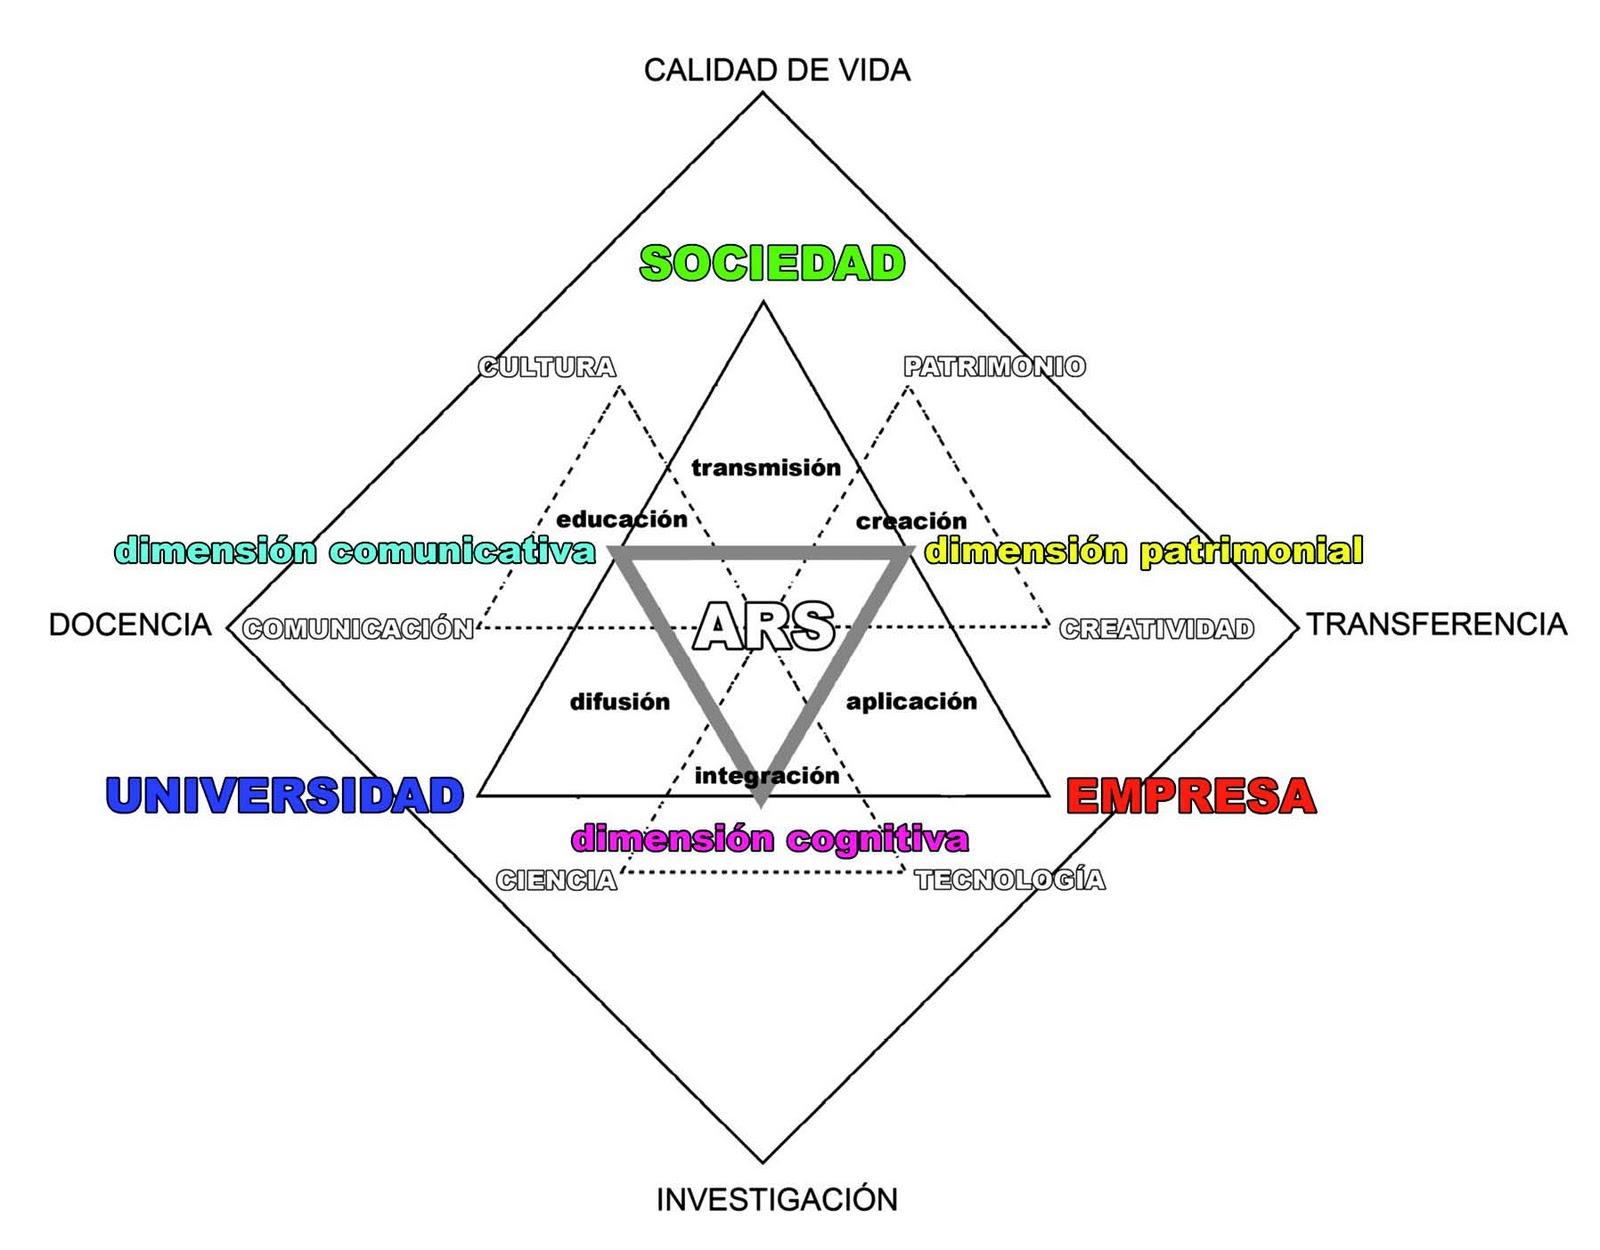 FORCE.: La cuadratura del círculo